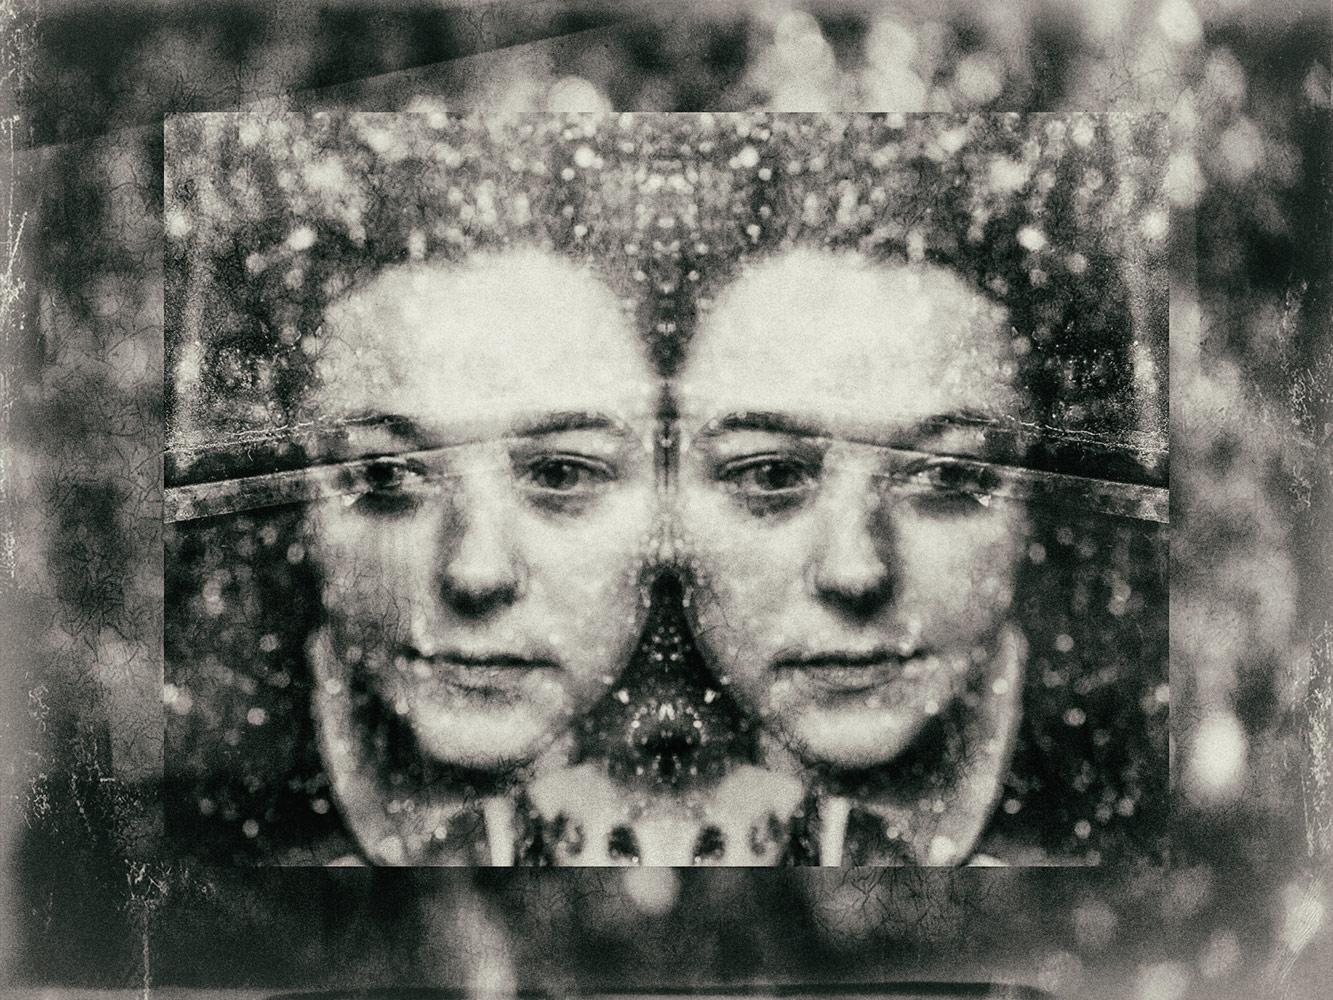 Муза, © Л. Лежен, Беркли, США, Финалист категории «Профессионал: Автопортреты», Конкурс портретной фотографии «Лица»